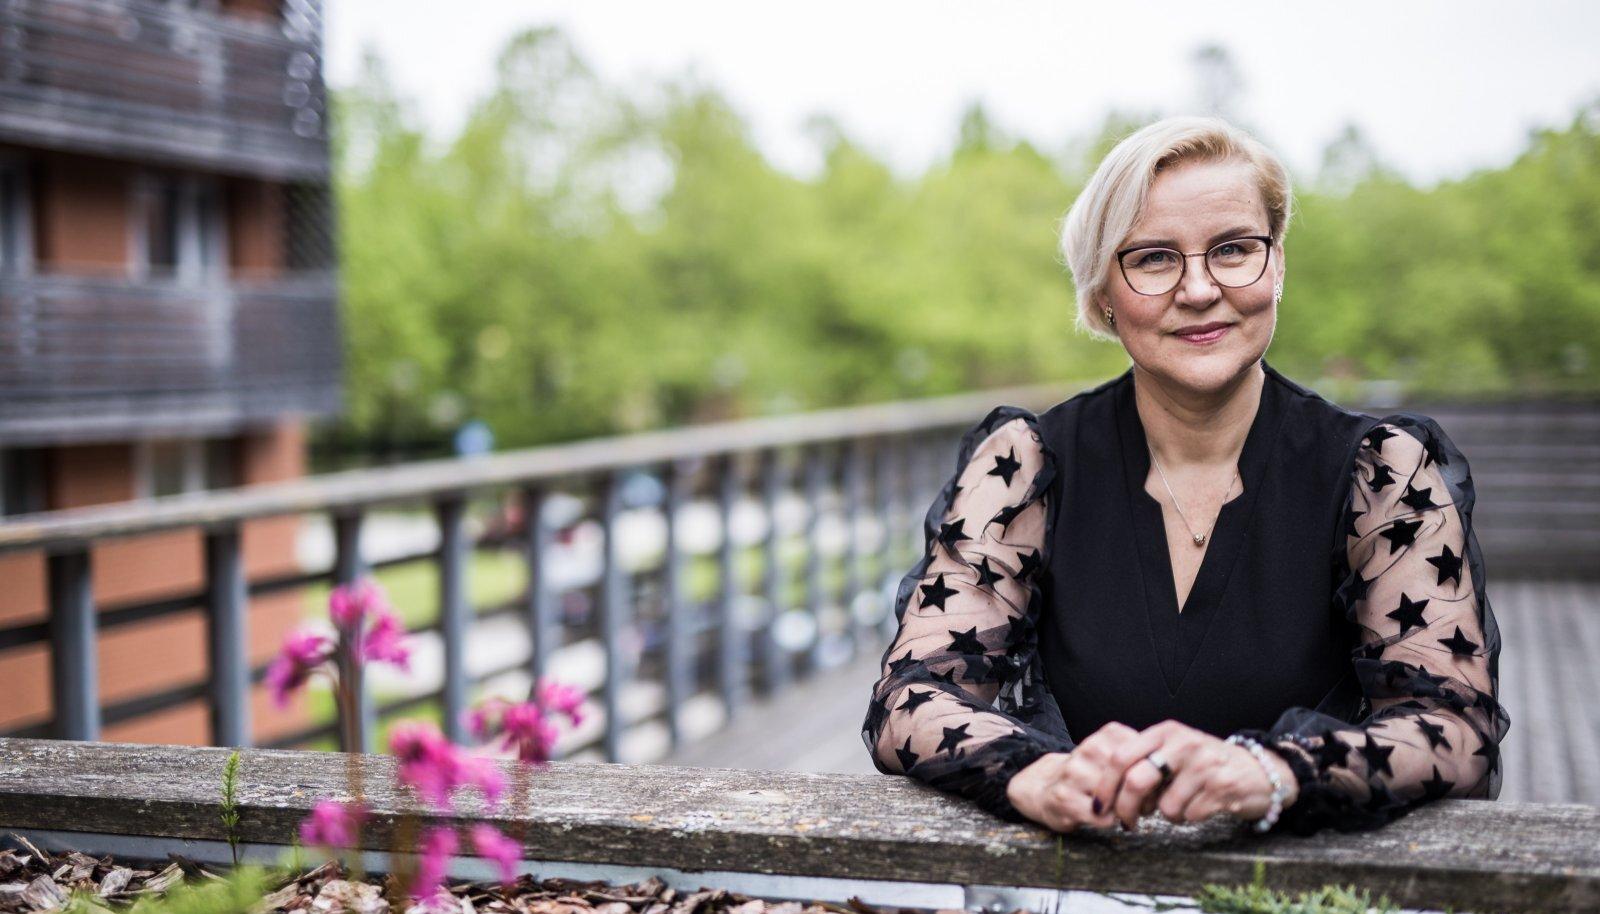 Eesti õdede liidu president Anneli Kannus ütleb, et niigi terava tööjõupuuduse tingimustes on tudengite juhendamine lisatöö, mille eest peab maksma tasu.